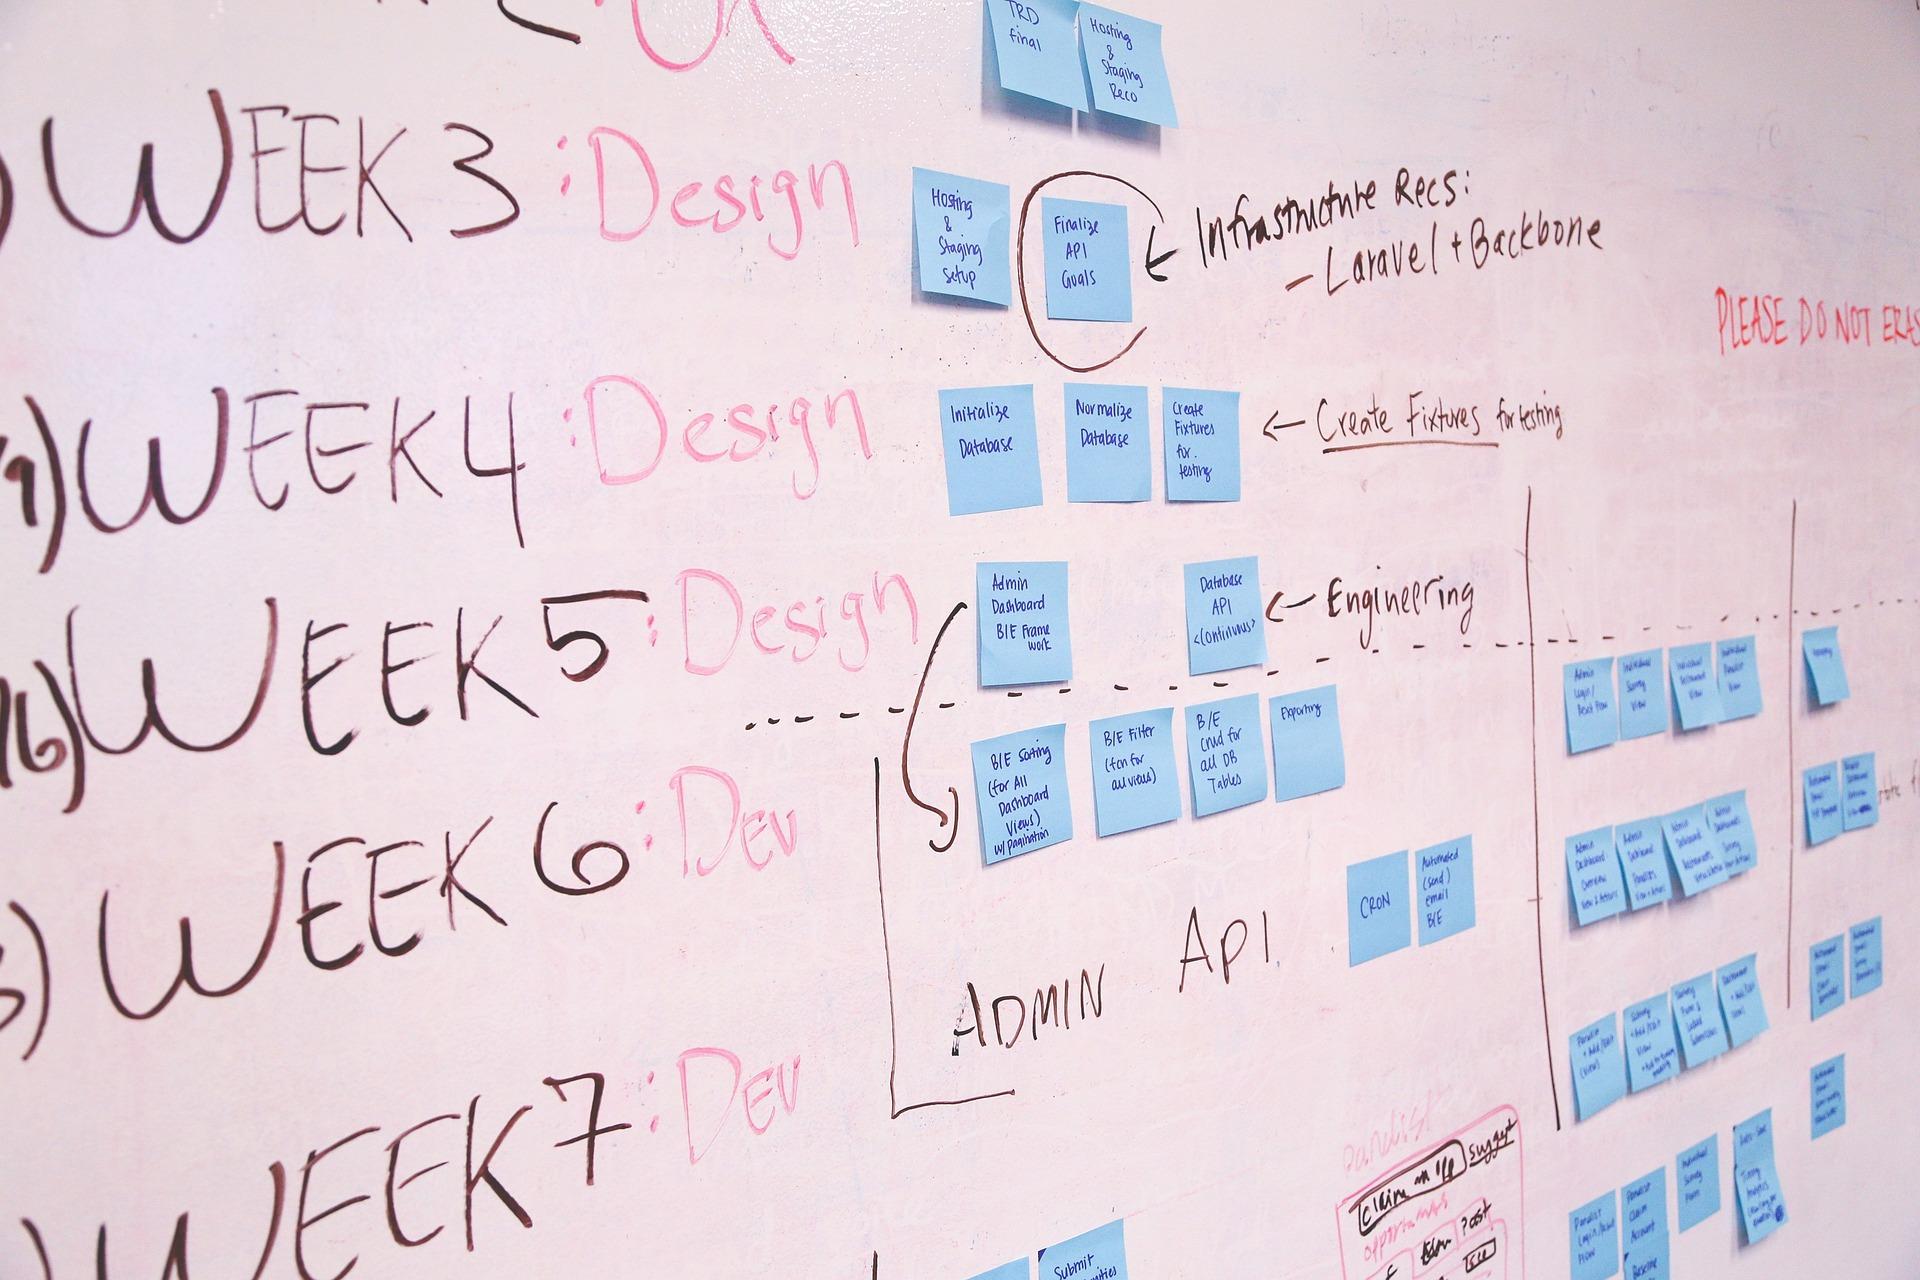 効果的なプロジェクトマネジメントを可能にする手法PMBOK